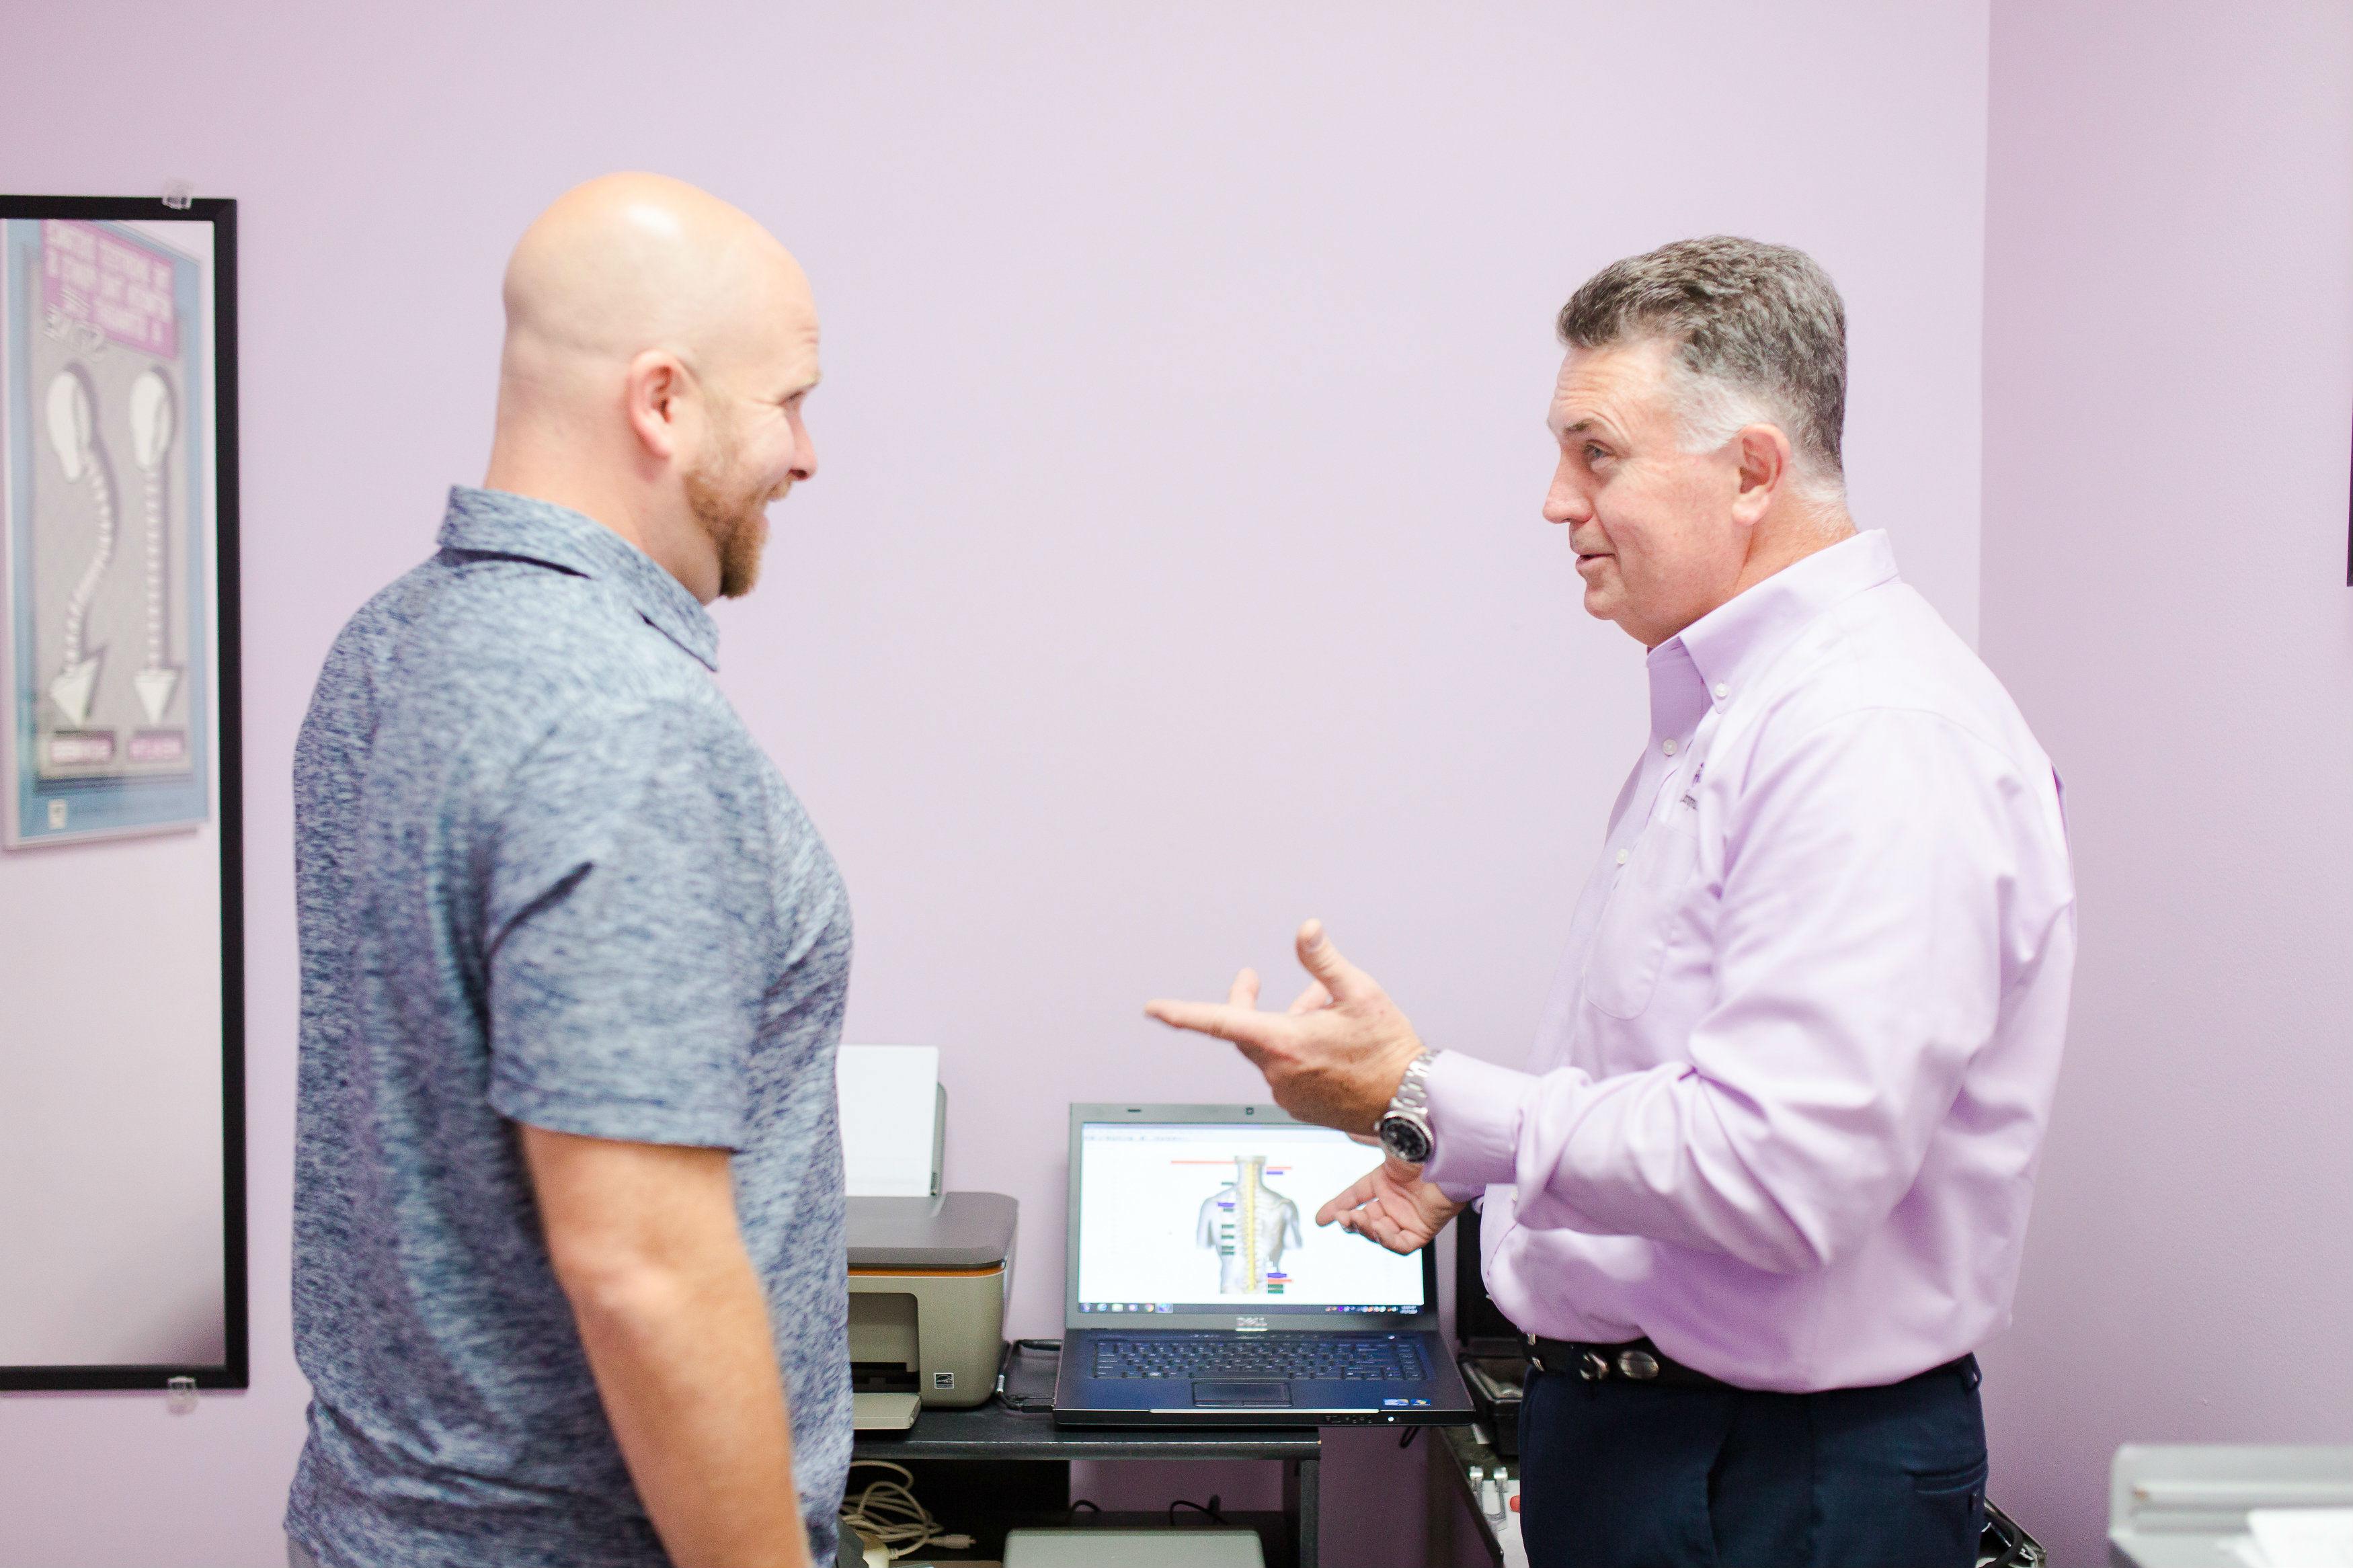 Martin Chiropractic Wellness Care